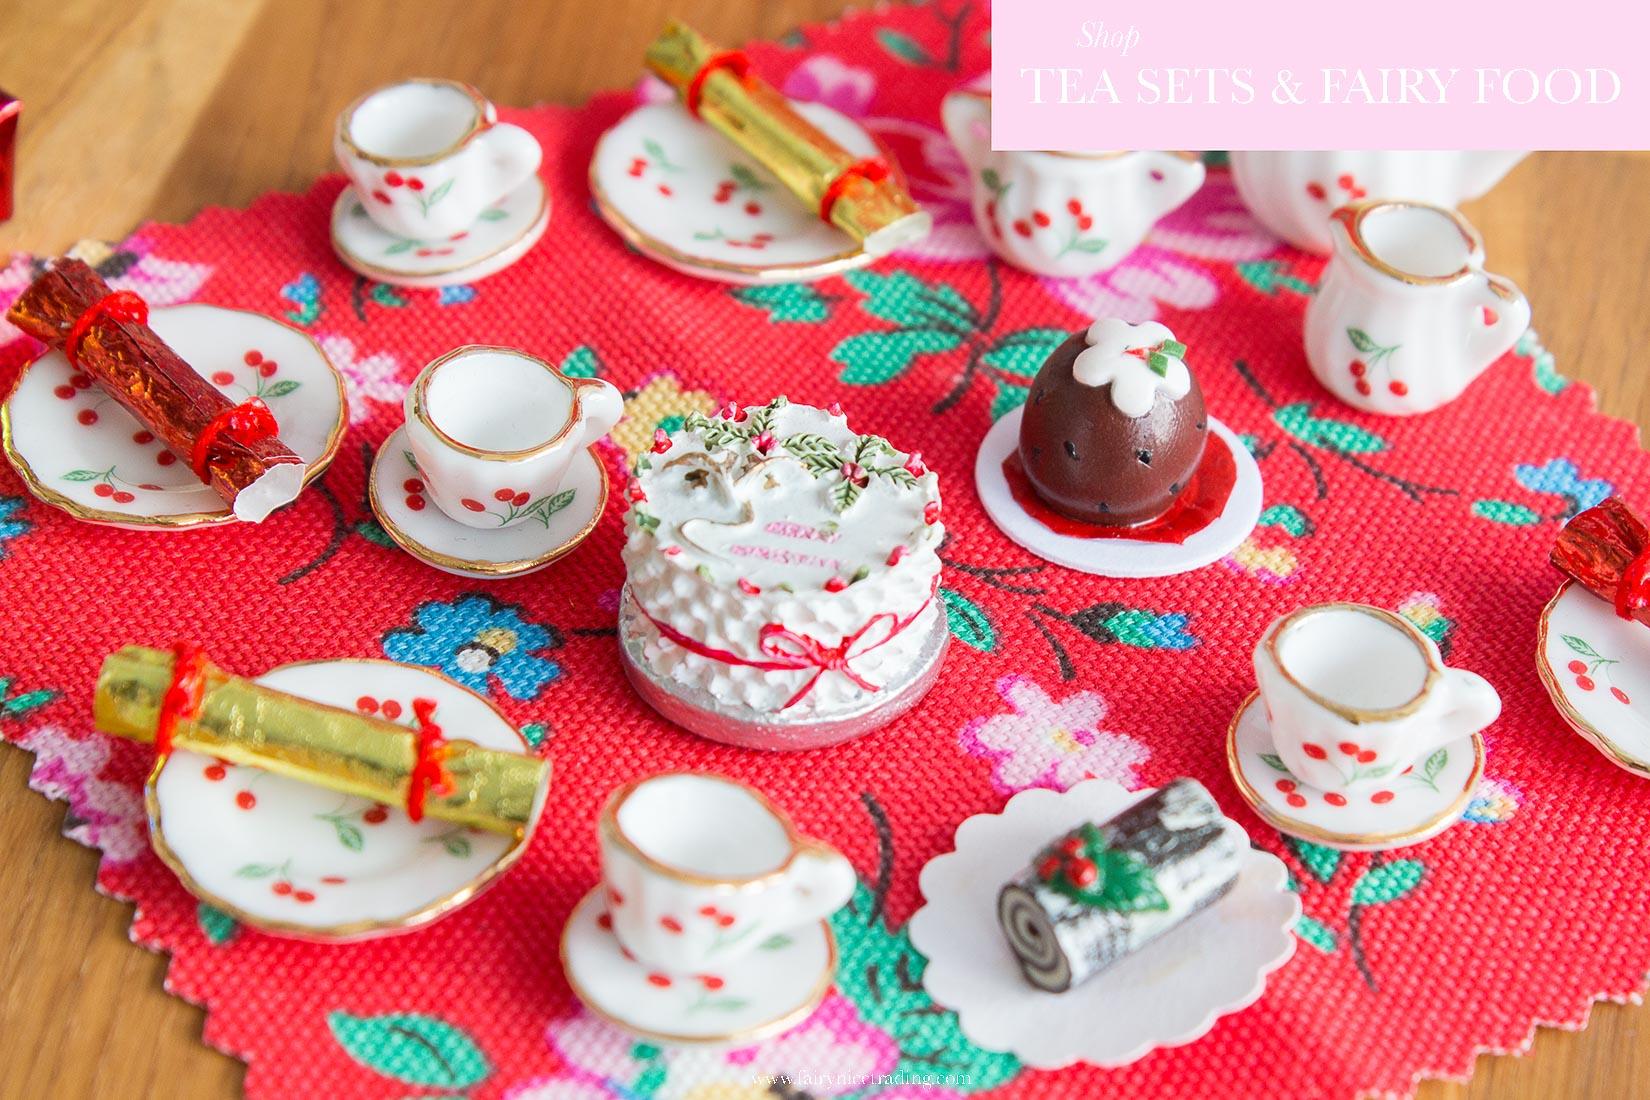 fairy door tea sets and fairy food